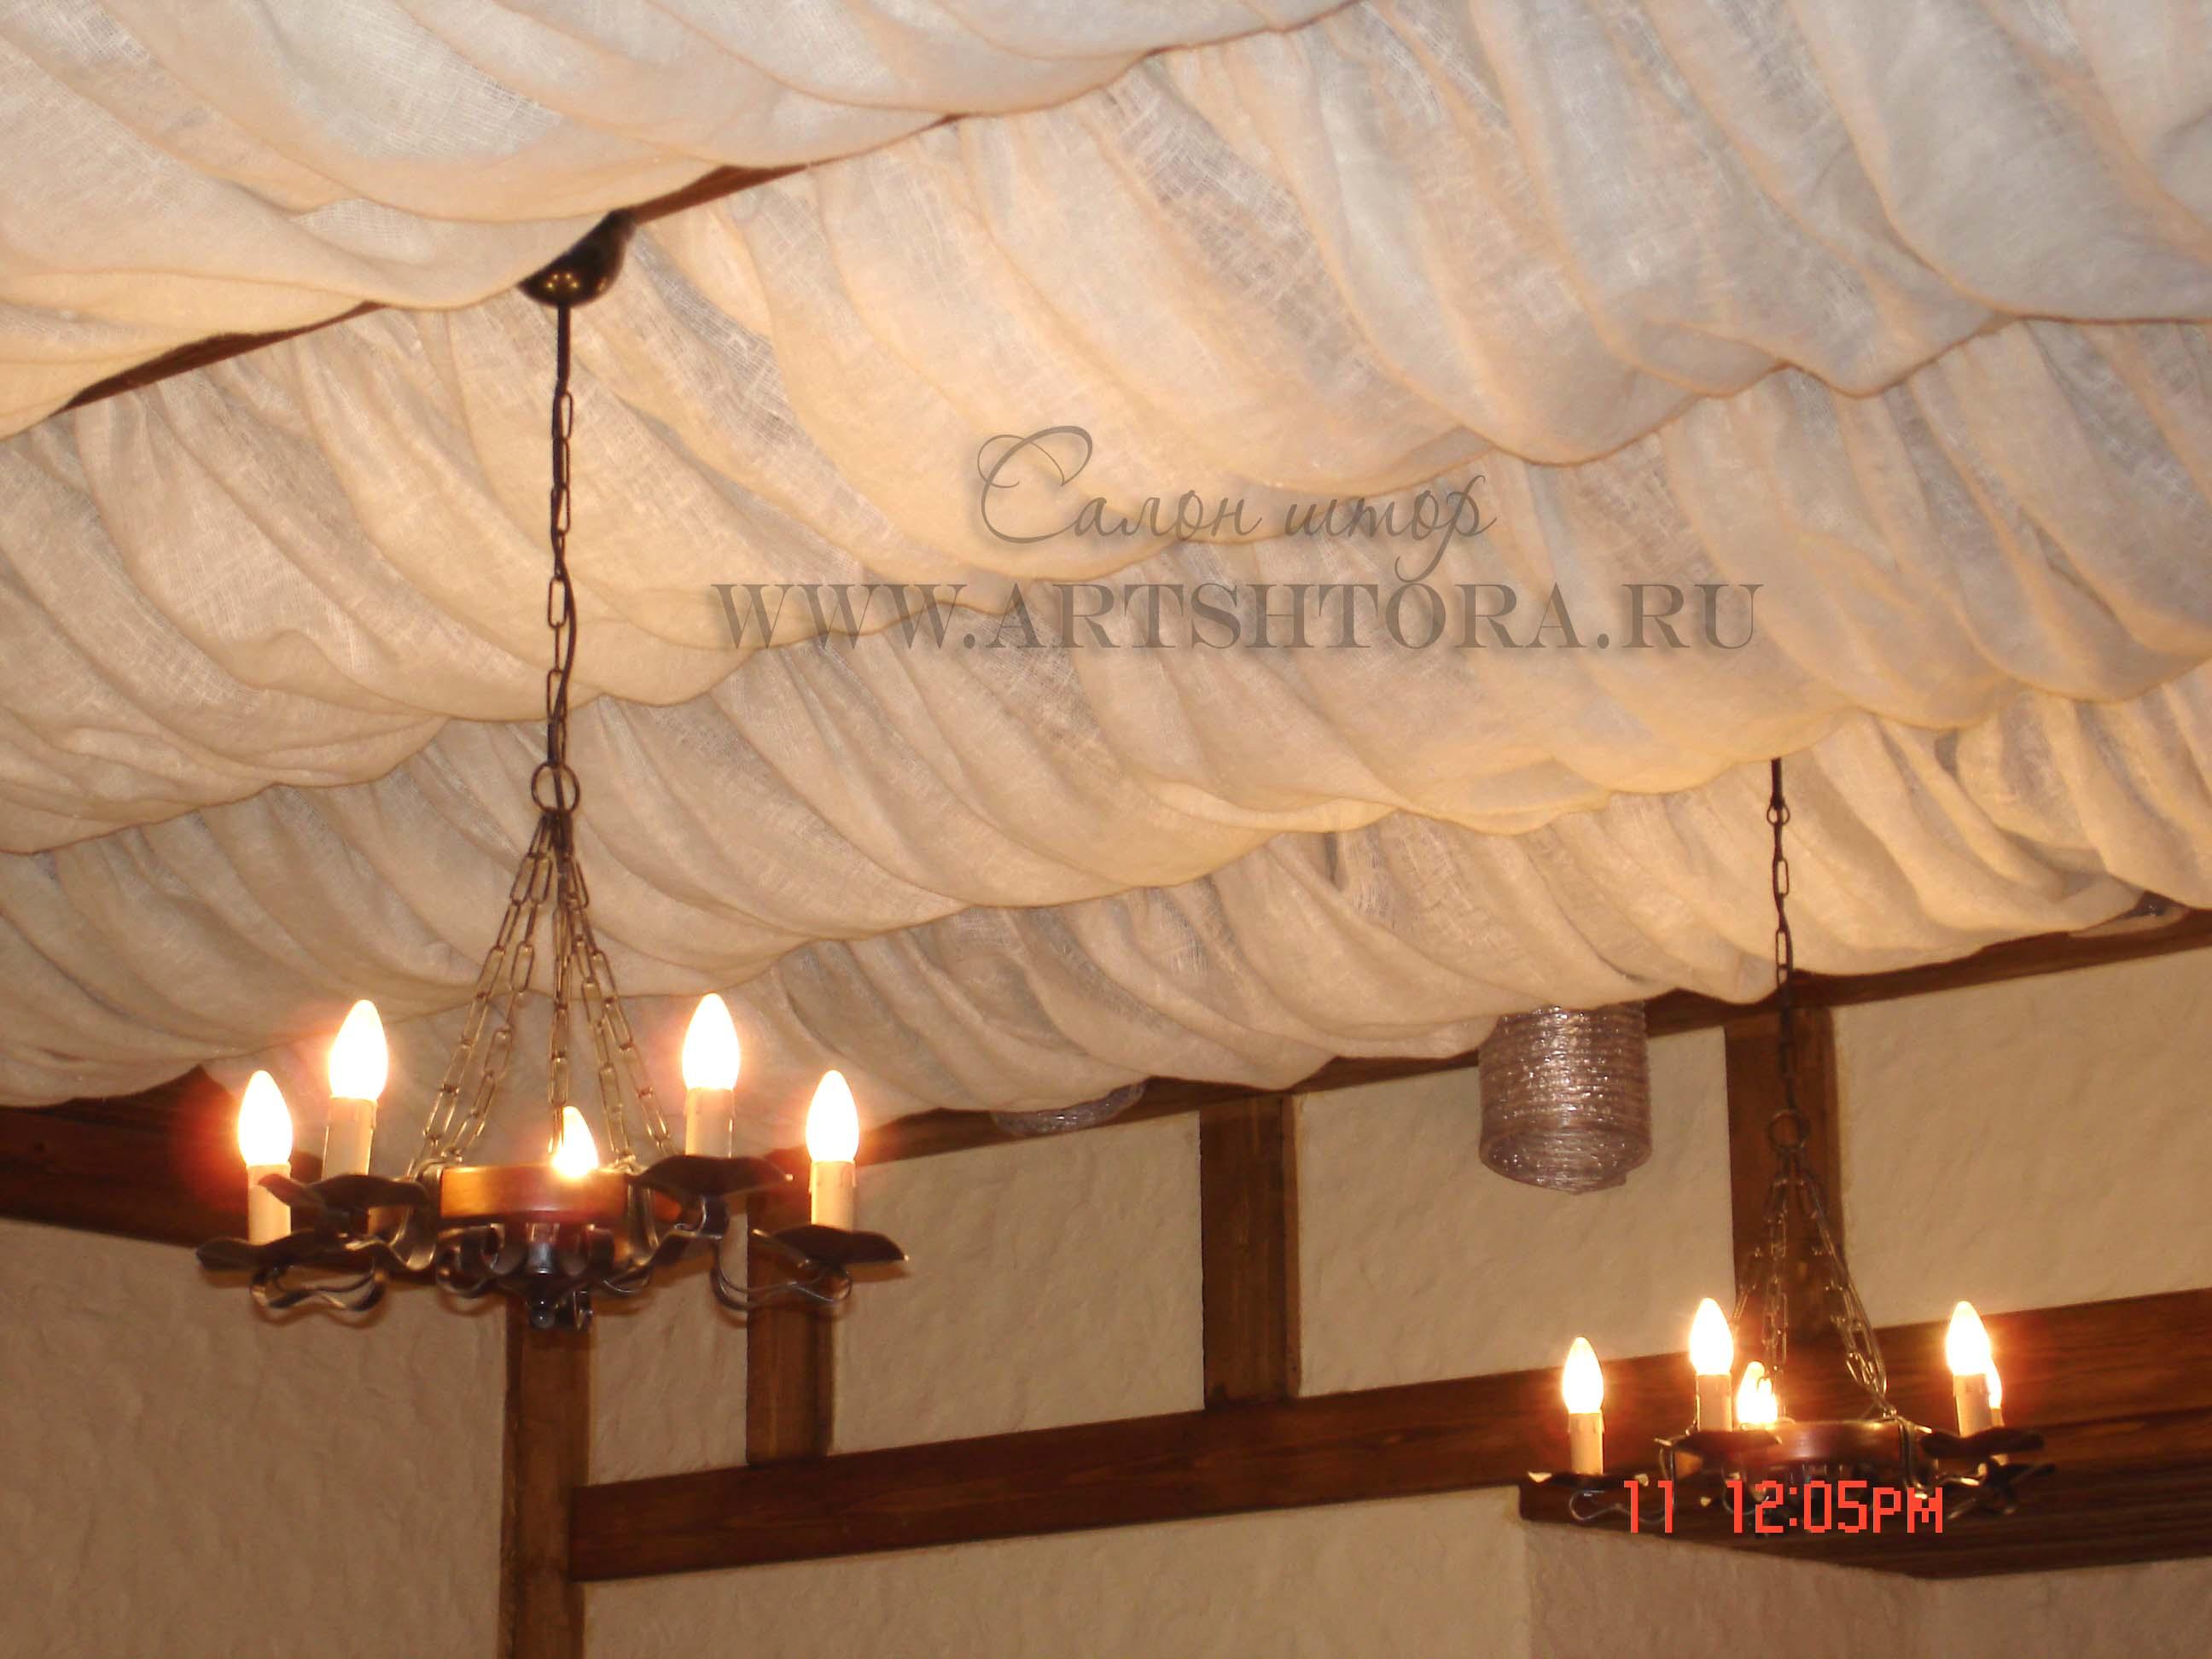 Драпировка потолка тканью своими руками мастер класс фото 88